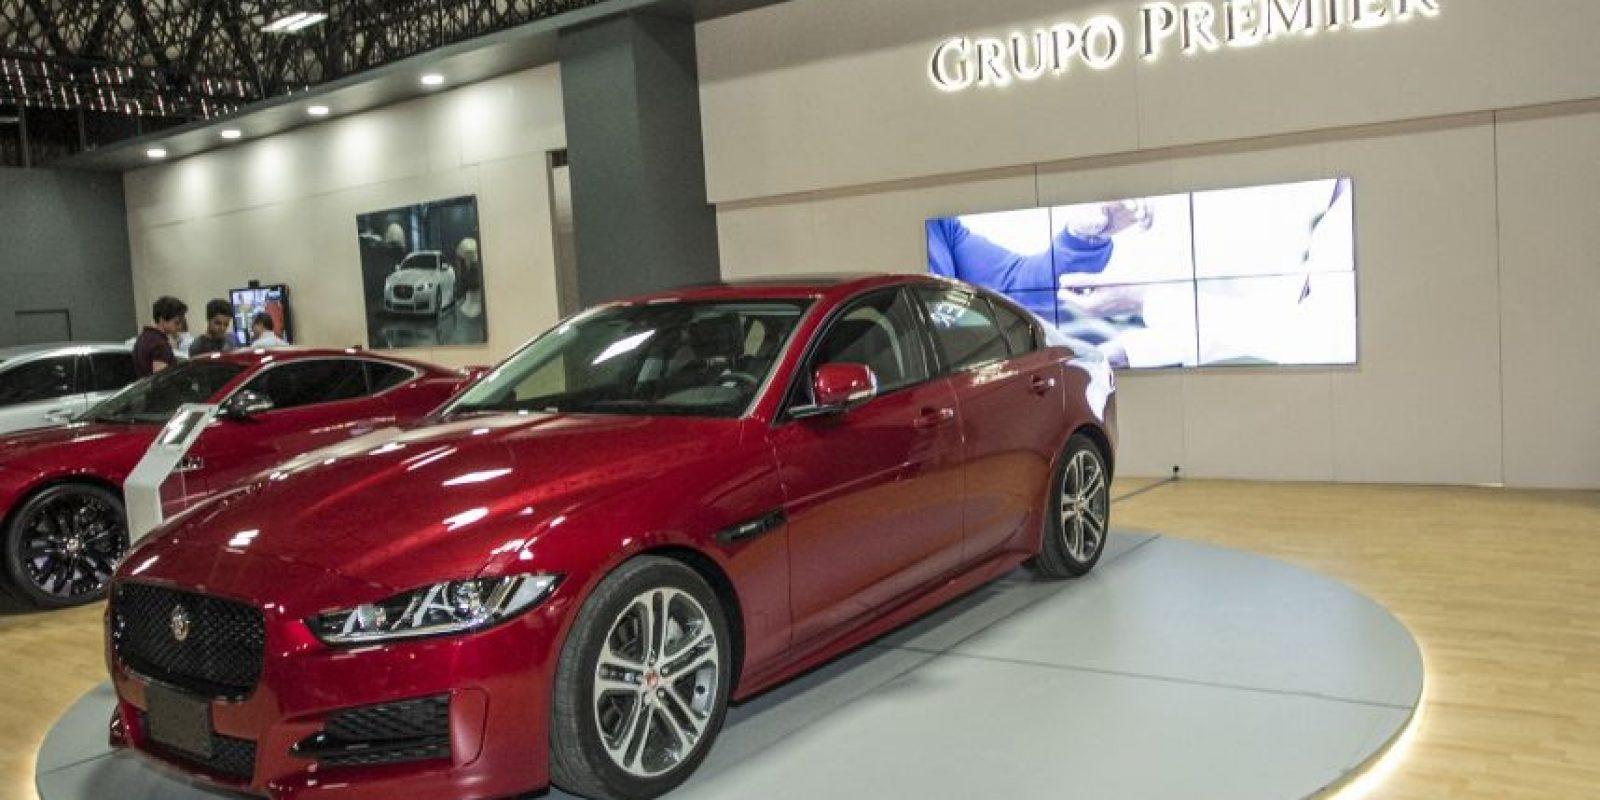 Jaguar hizo la presentación-lanzamiento del último modelo sedan deportivo, el Jaguar XF. Foto:Cortesía: Expocar 2015